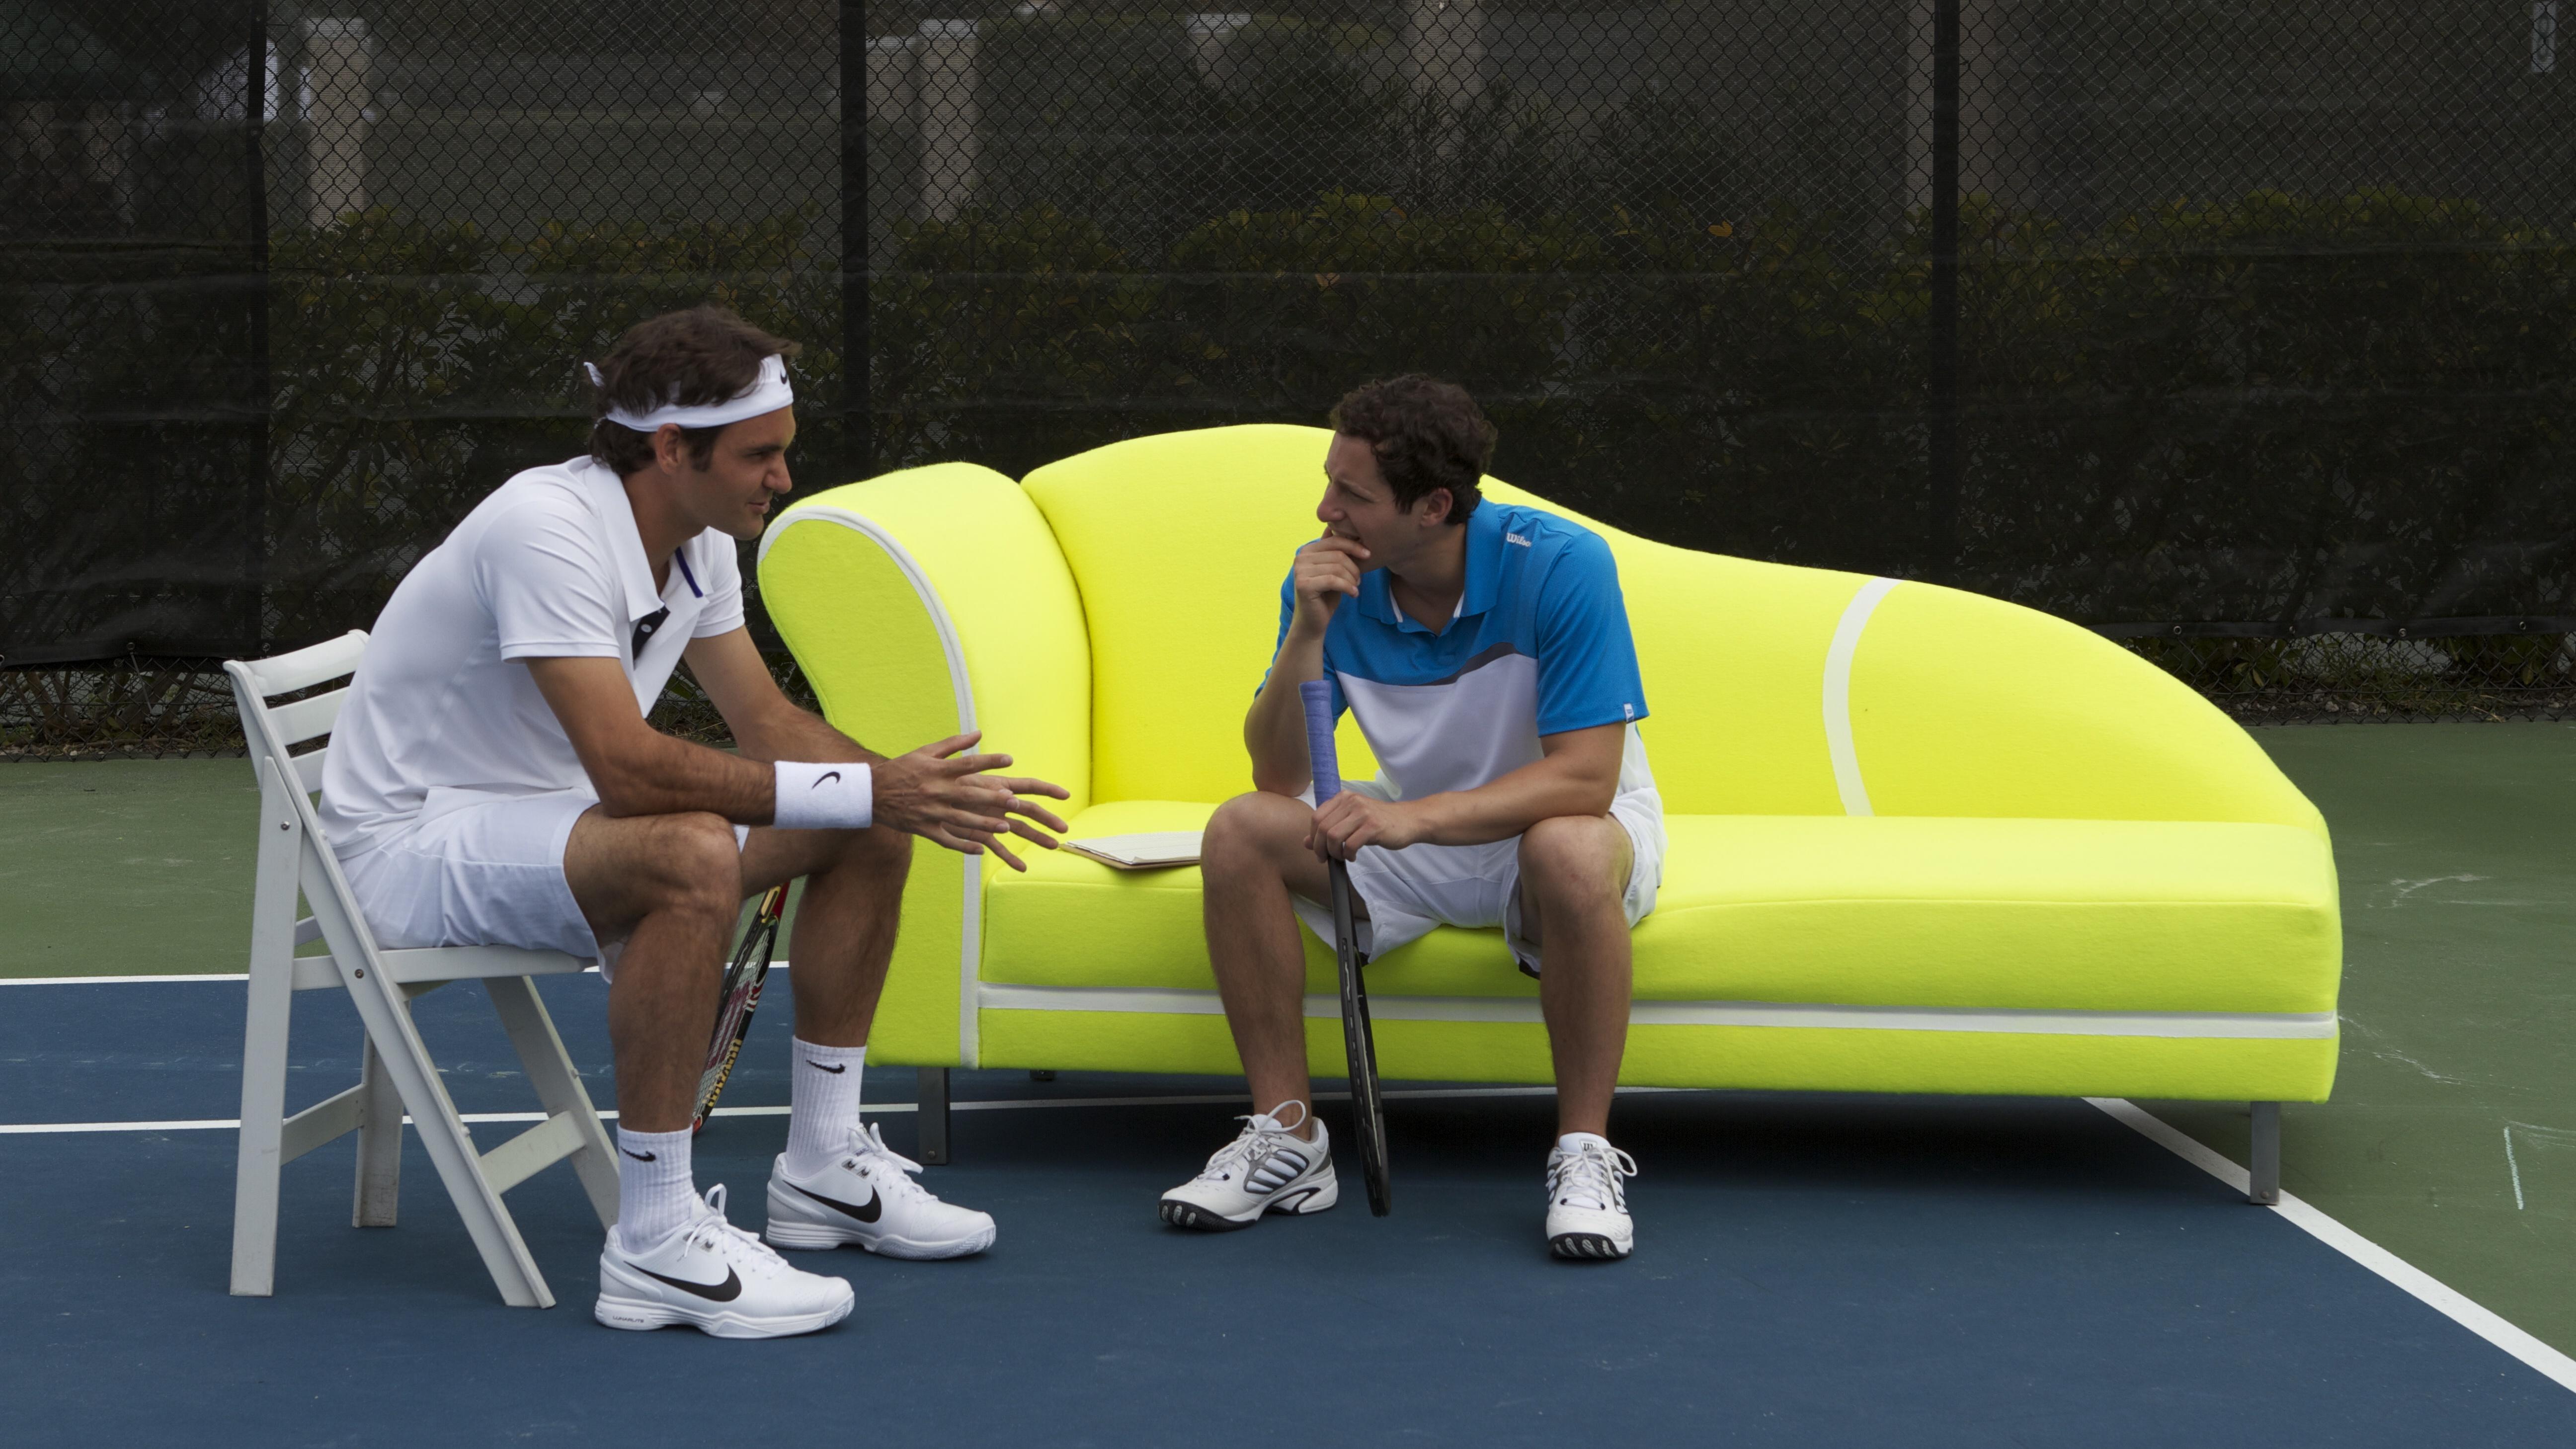 Wilson Roger Federer Commercial